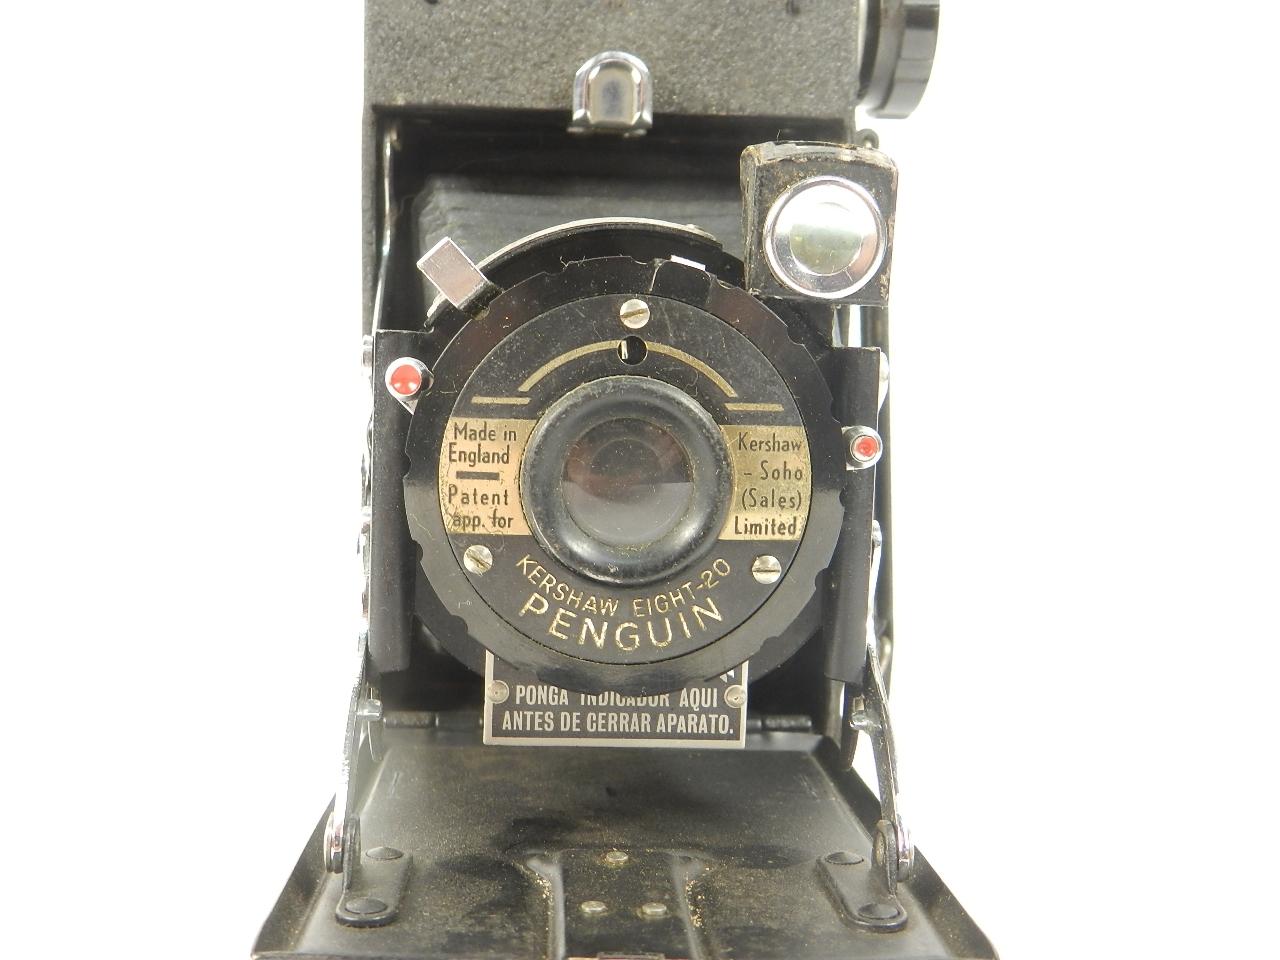 Imagen KERSHAW EIGHT-20 PENGUIN  AÑO 1946 38127